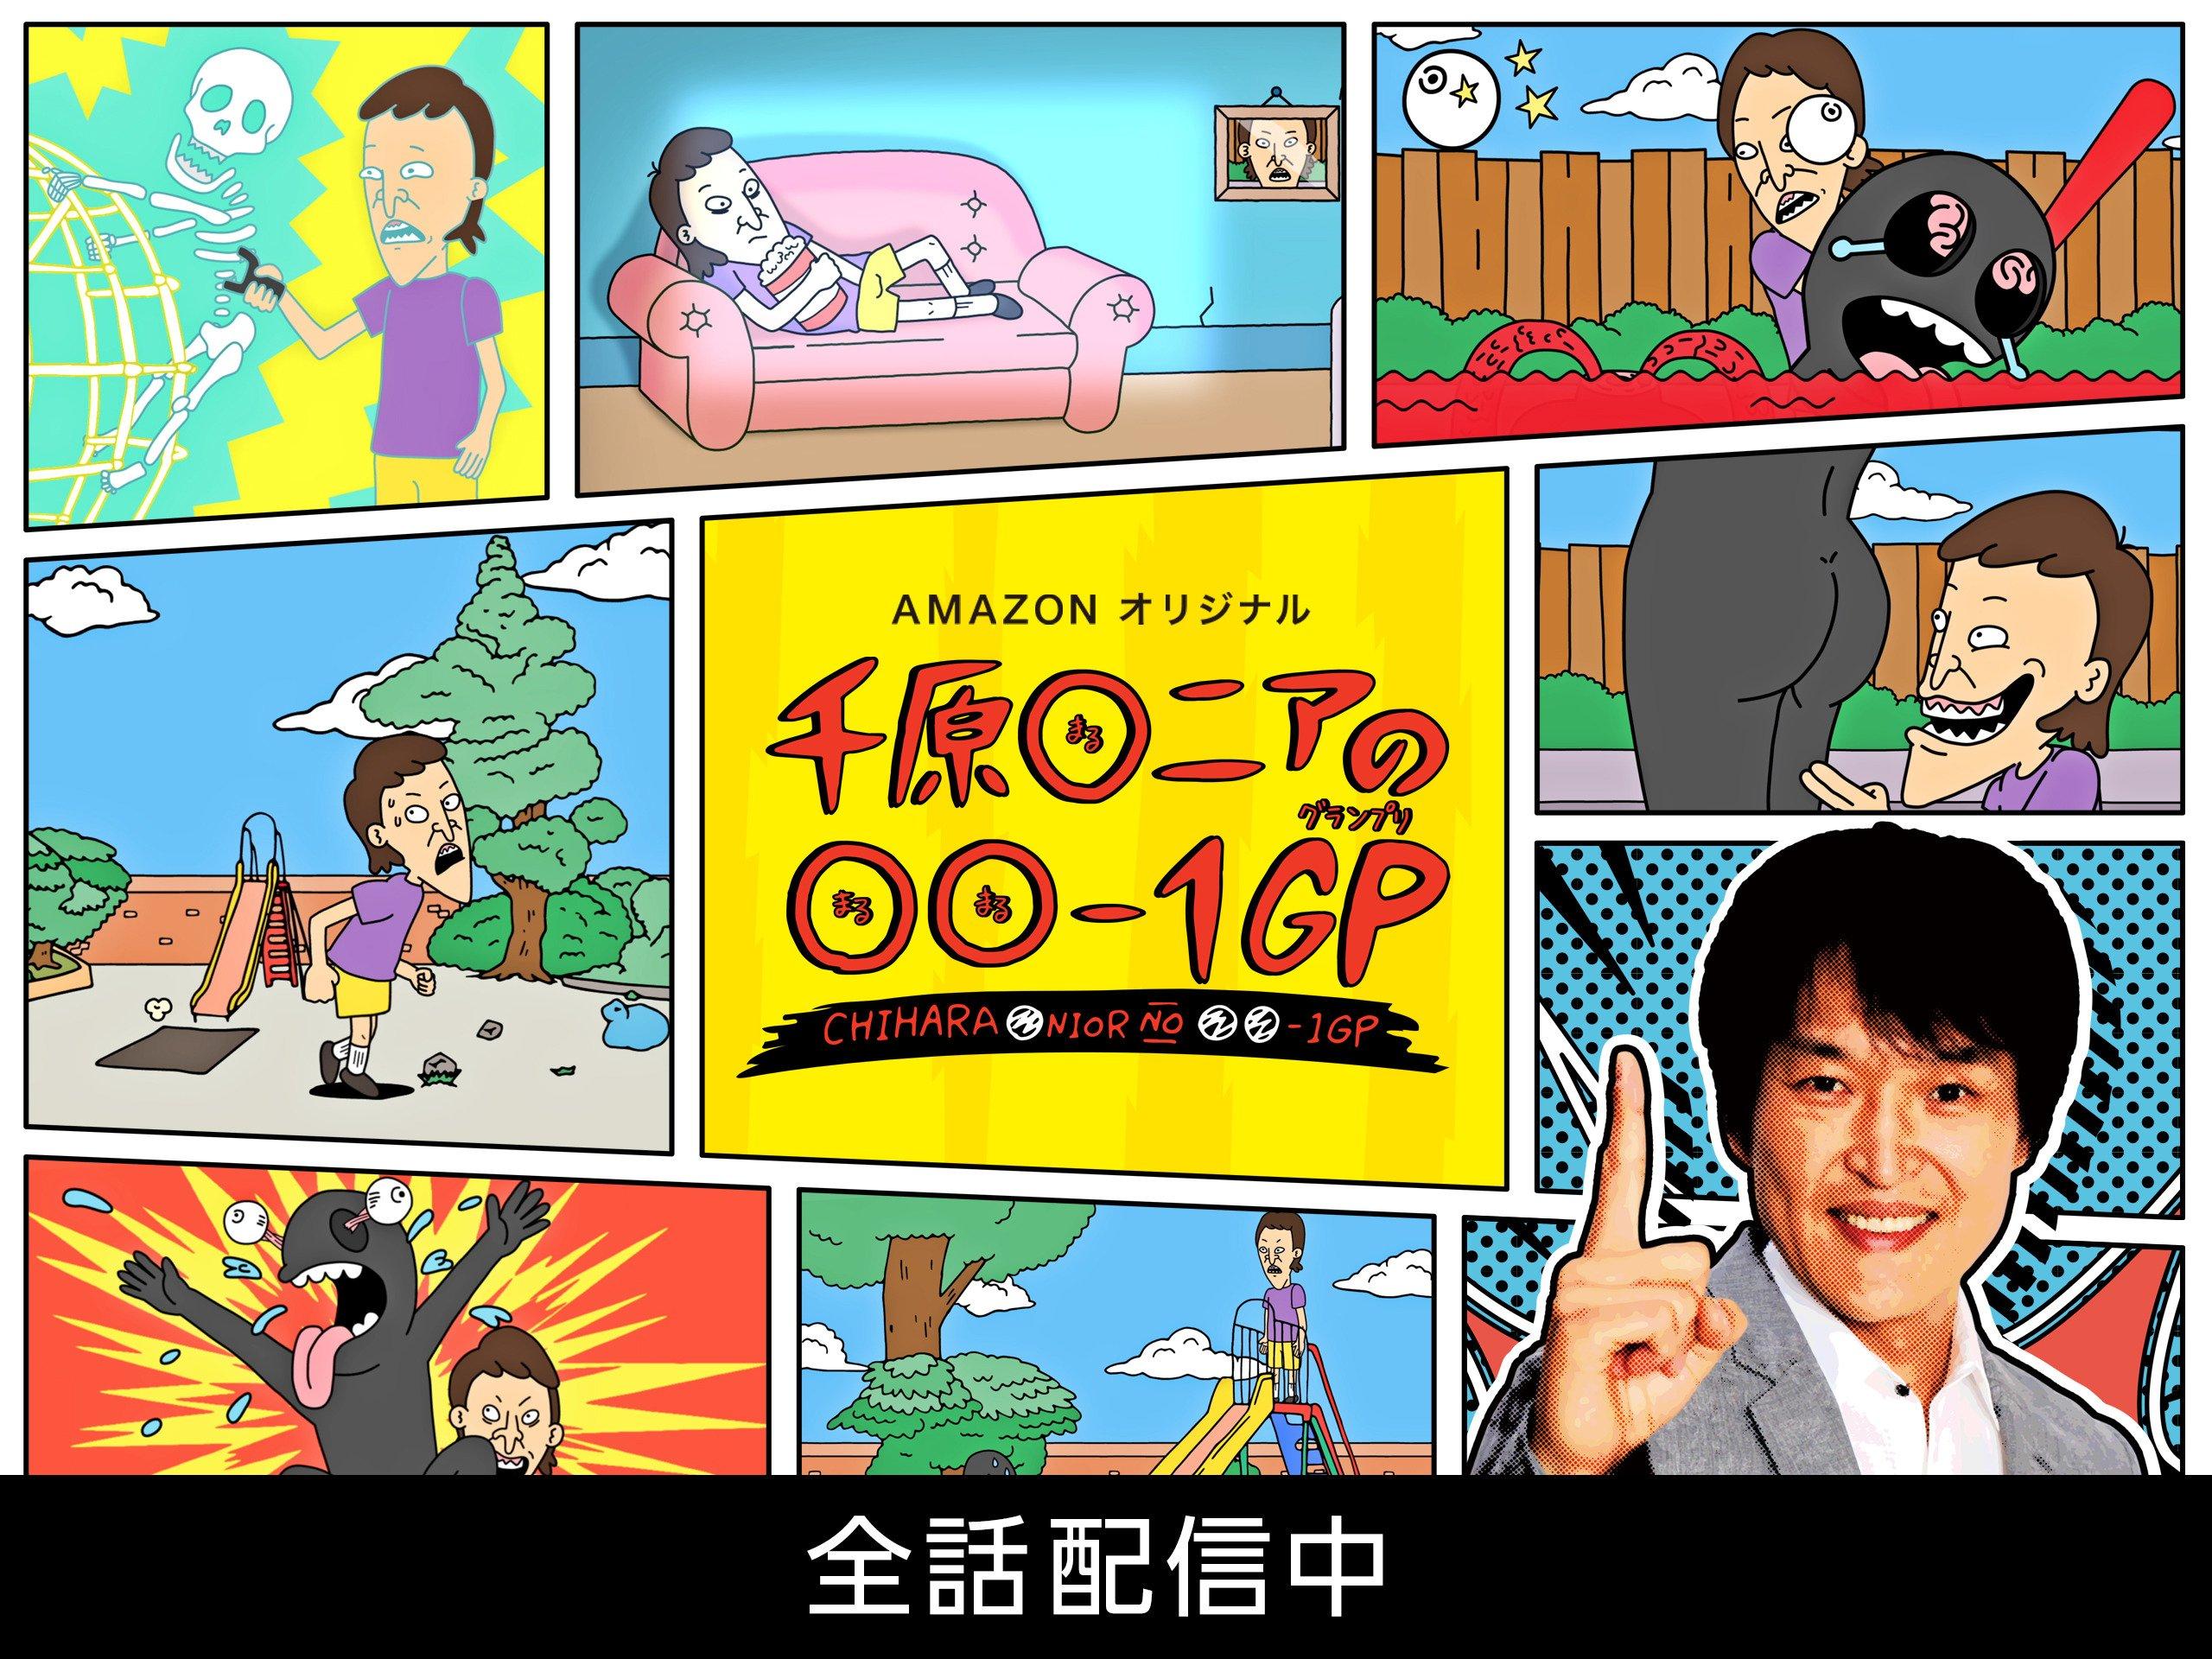 Amazonプライム・ビデオ「千原◯ュニアの ◯◯-1GP」公式サイト